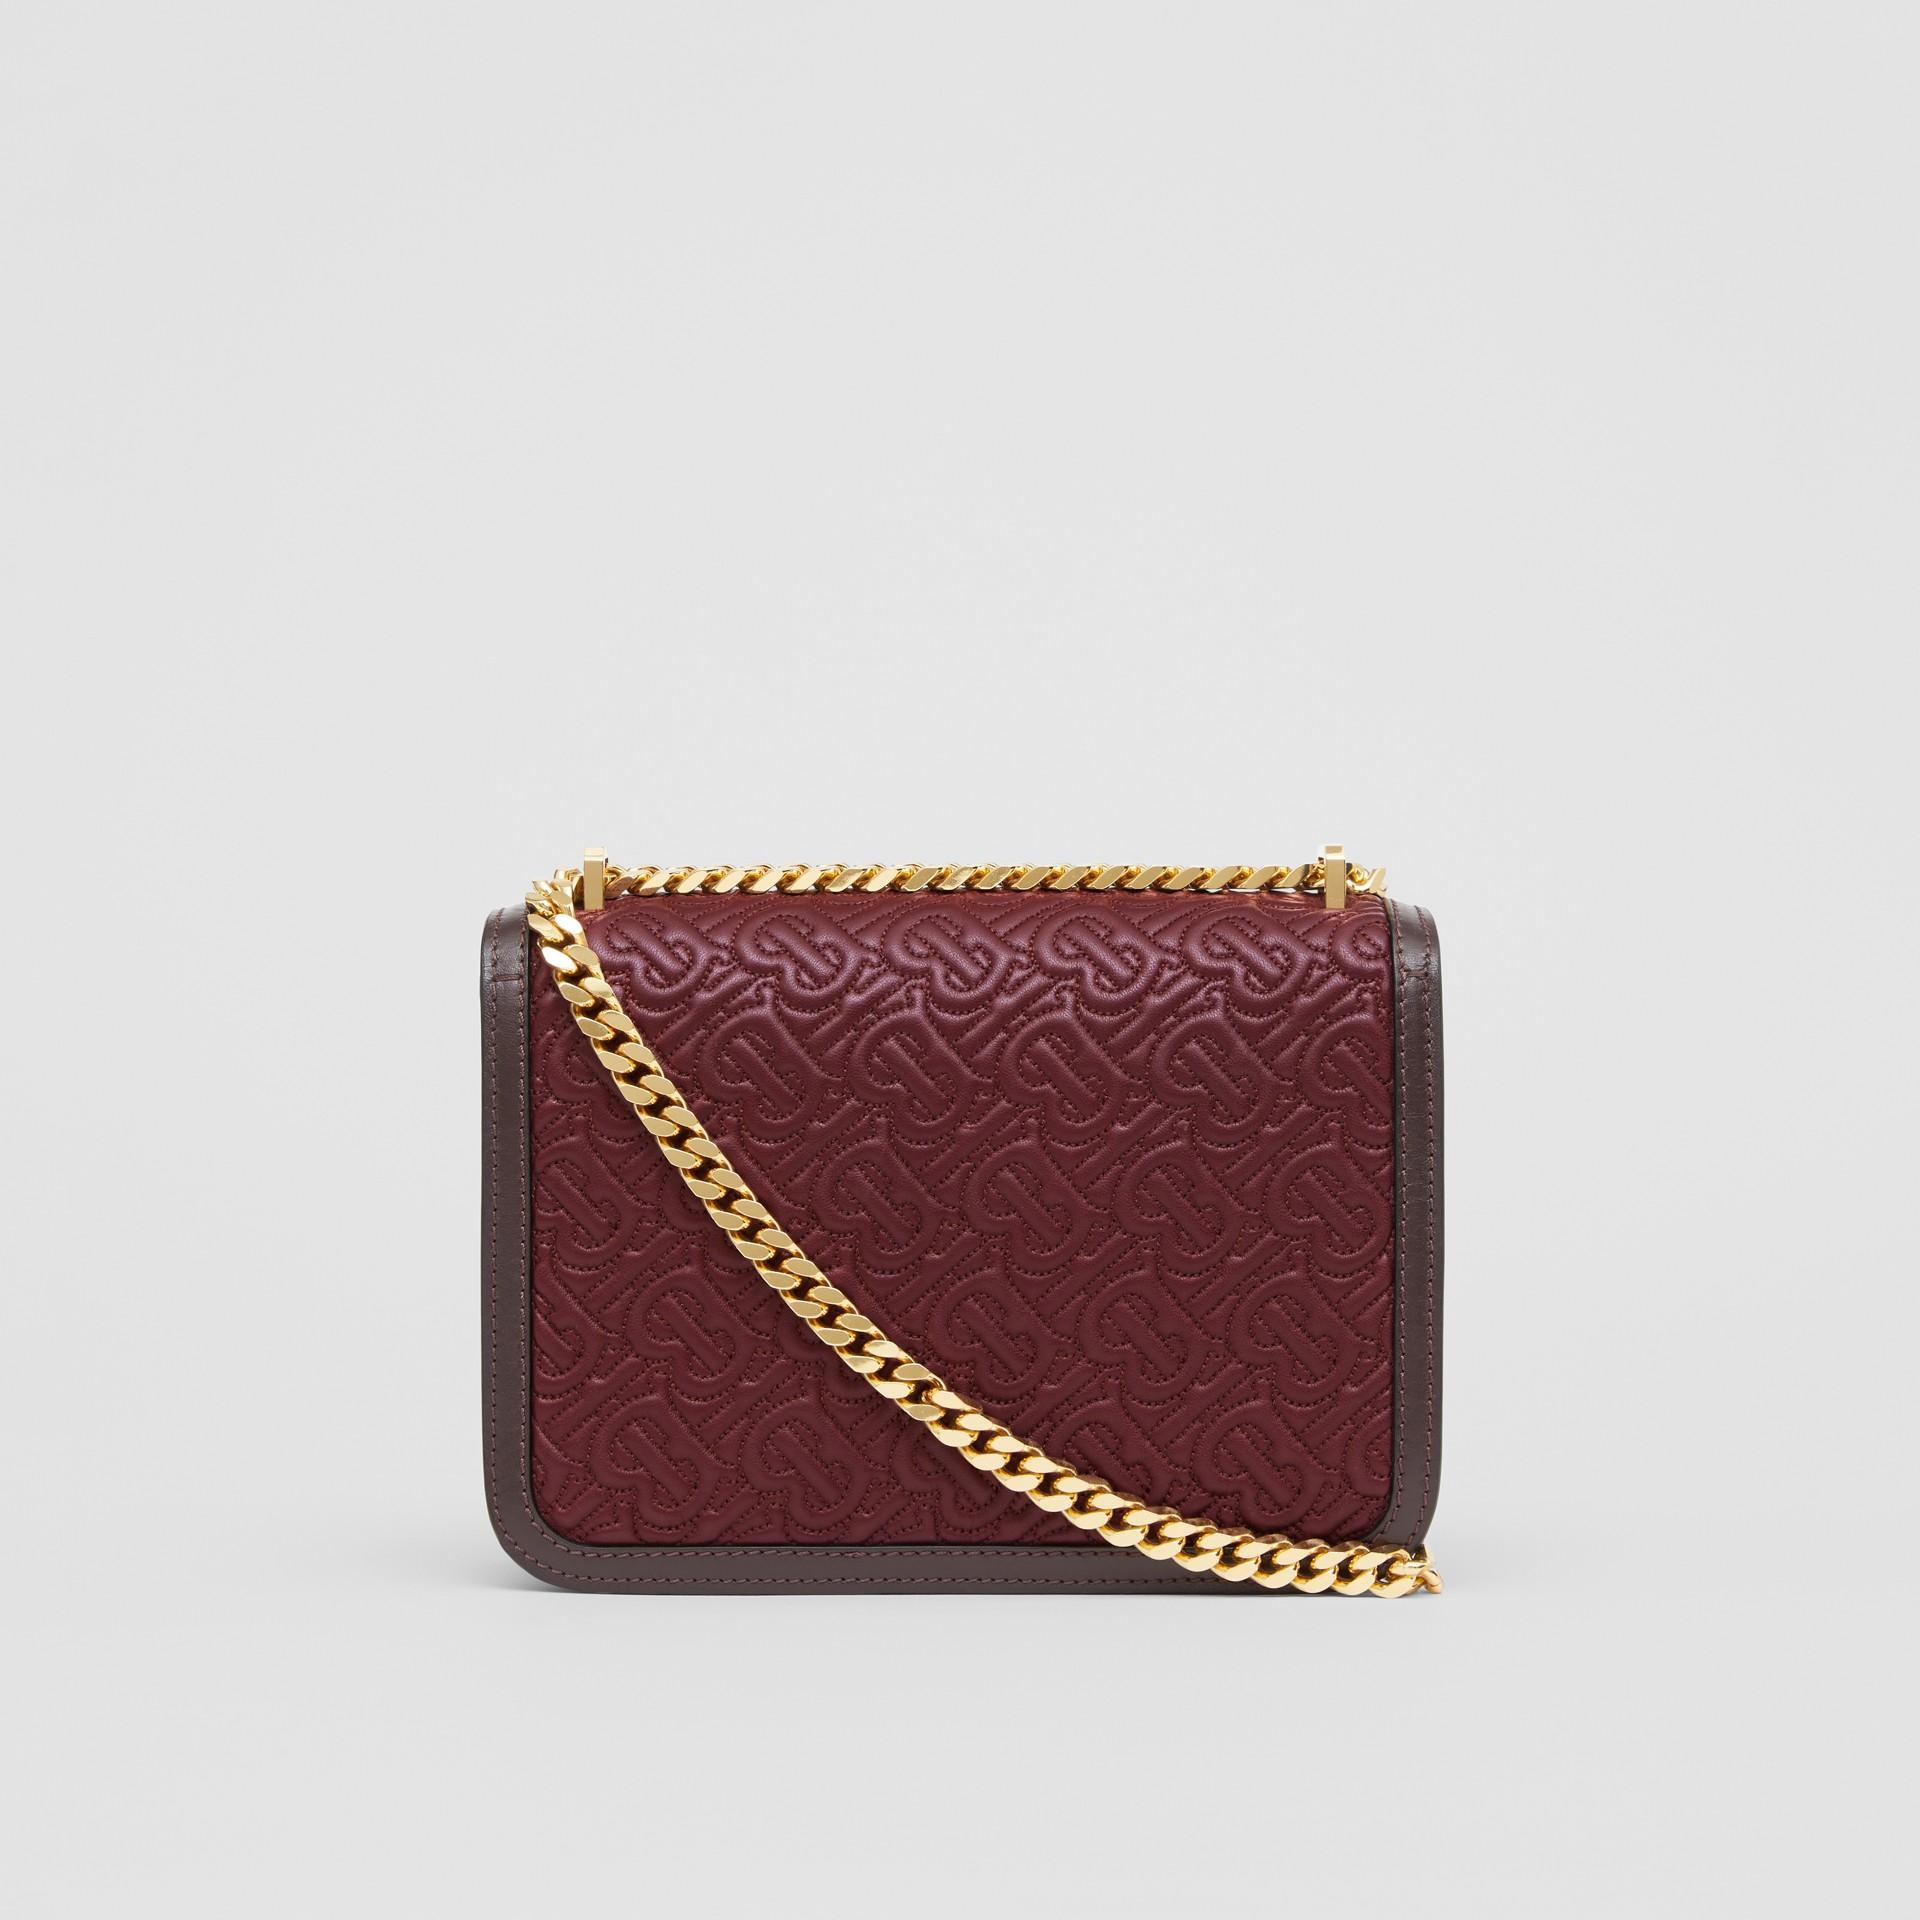 小型絎縫花押字羔羊皮 TB 包 (暗酒紅色) - 女款 | Burberry - 圖庫照片 7